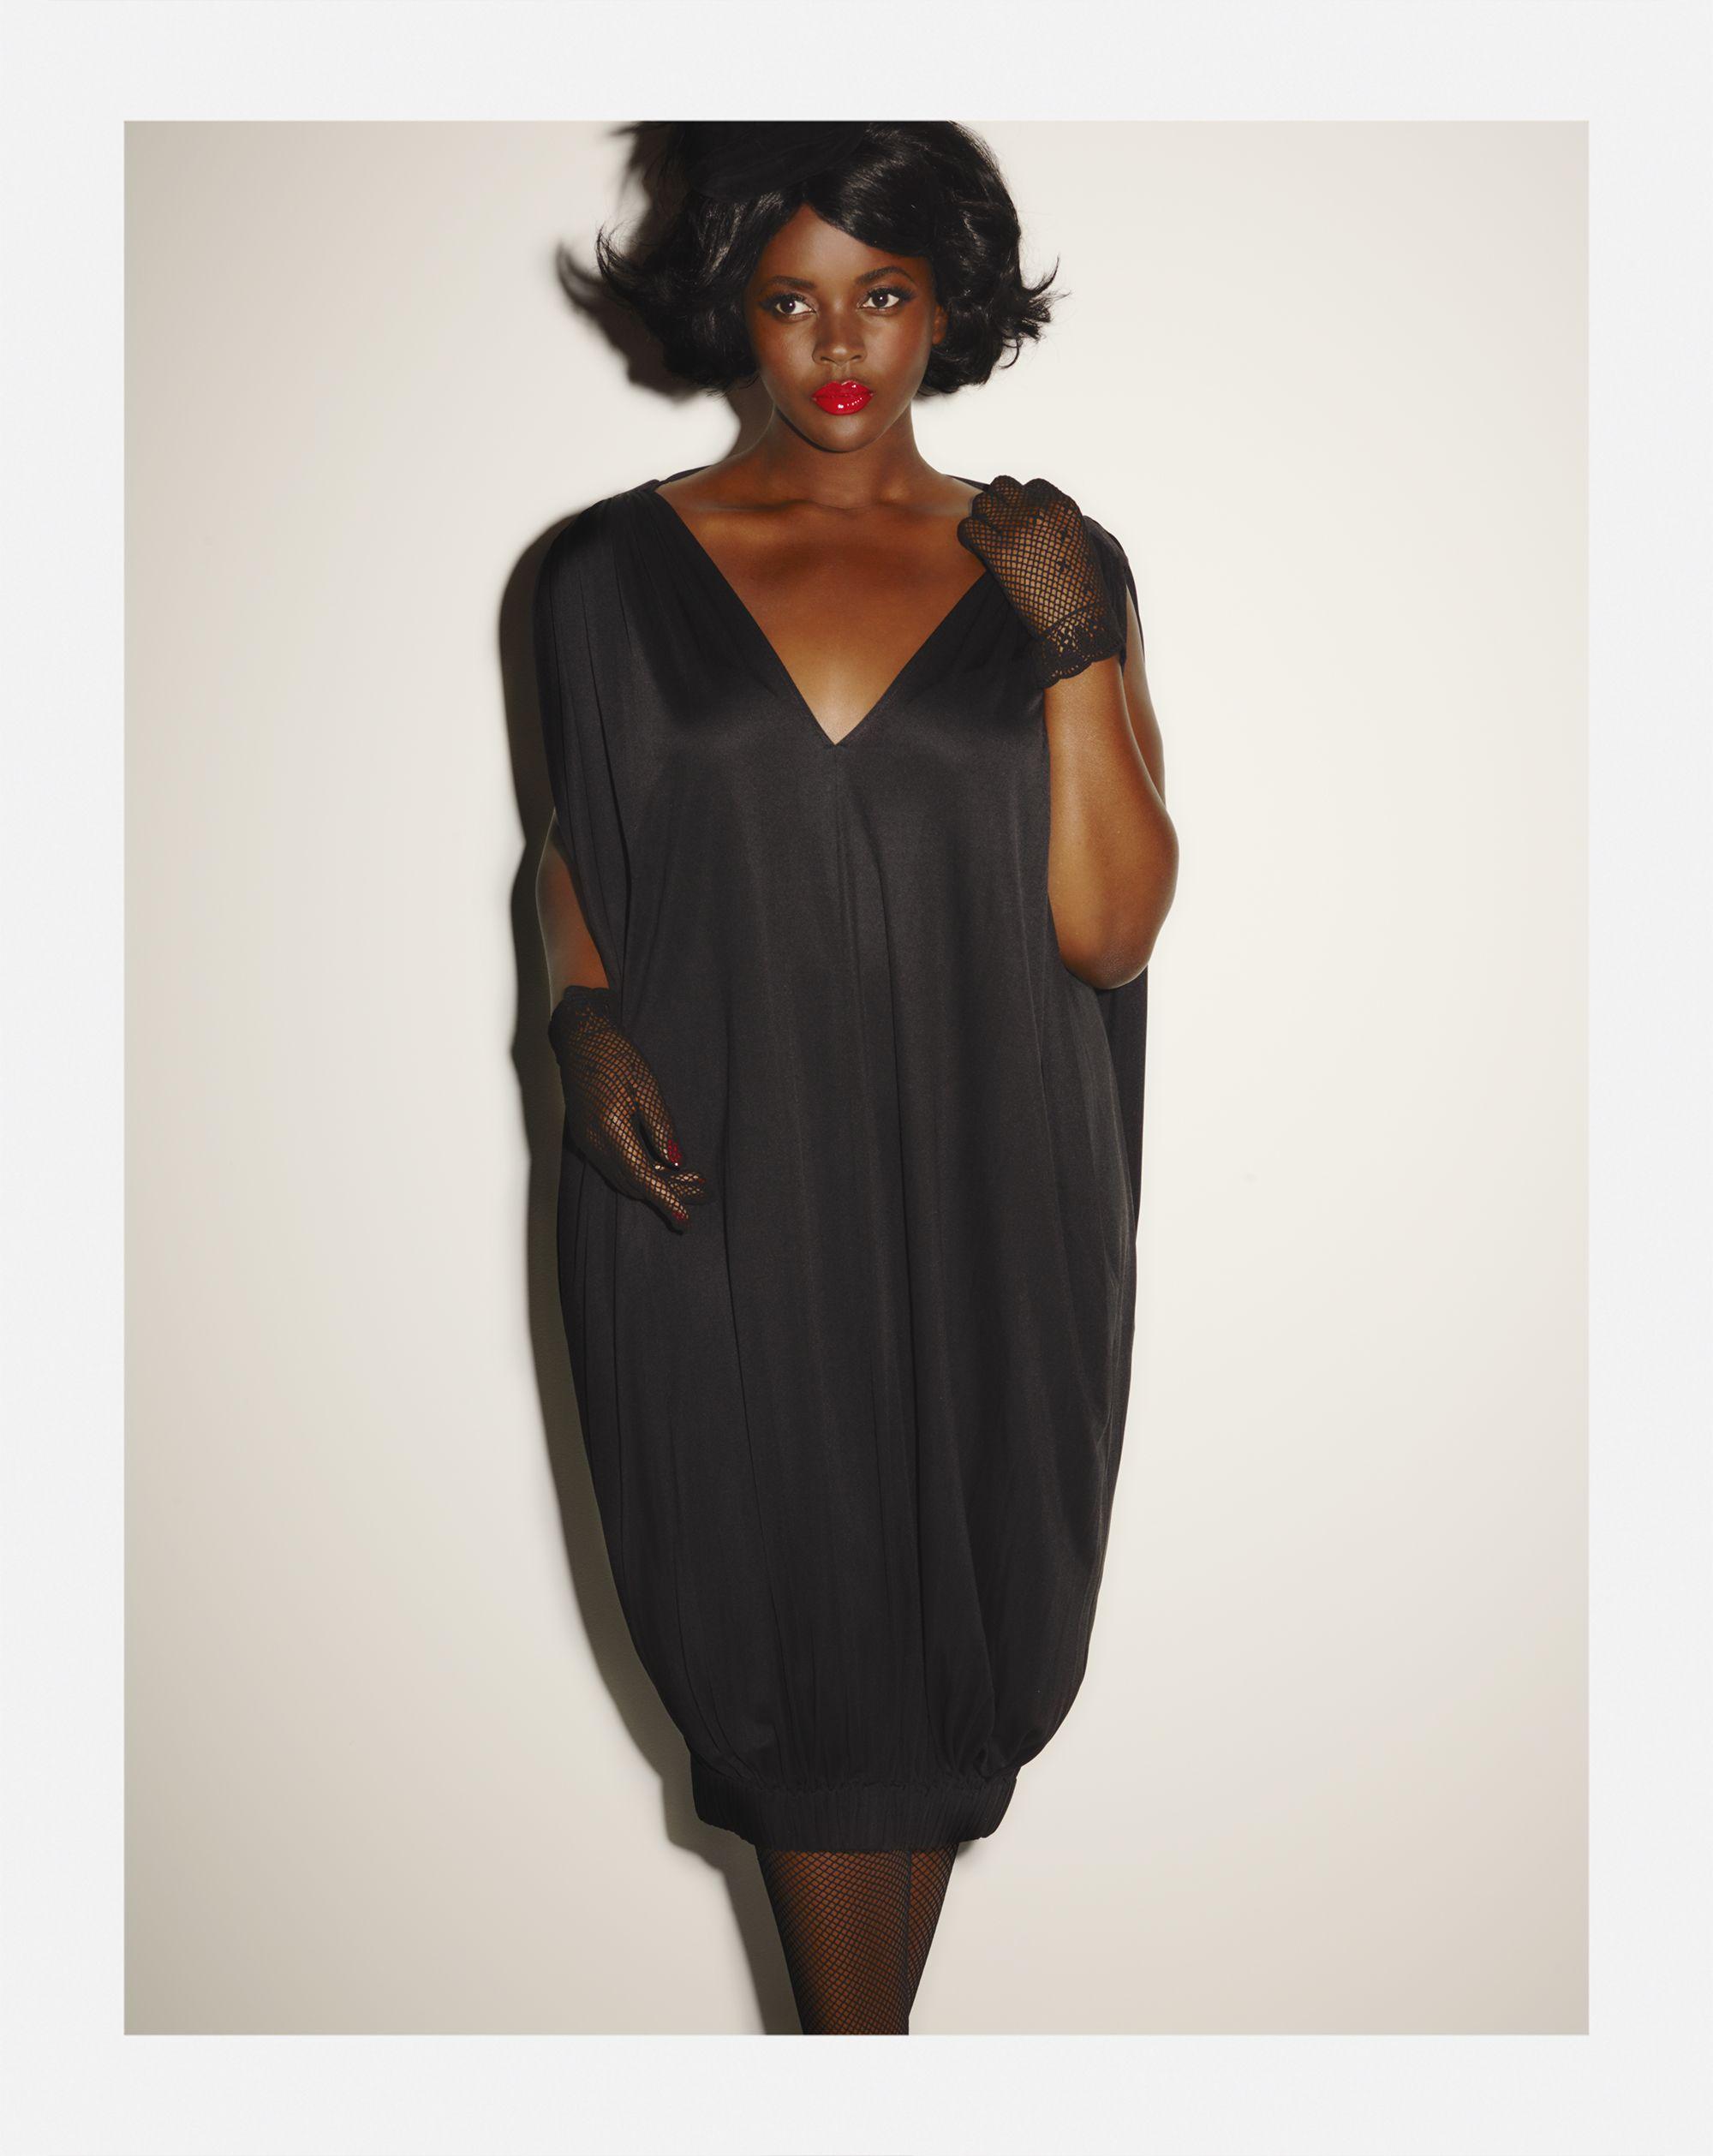 Double Bubble Dress - Noir | ****FASHION CURVES FOR THE PLUS ...